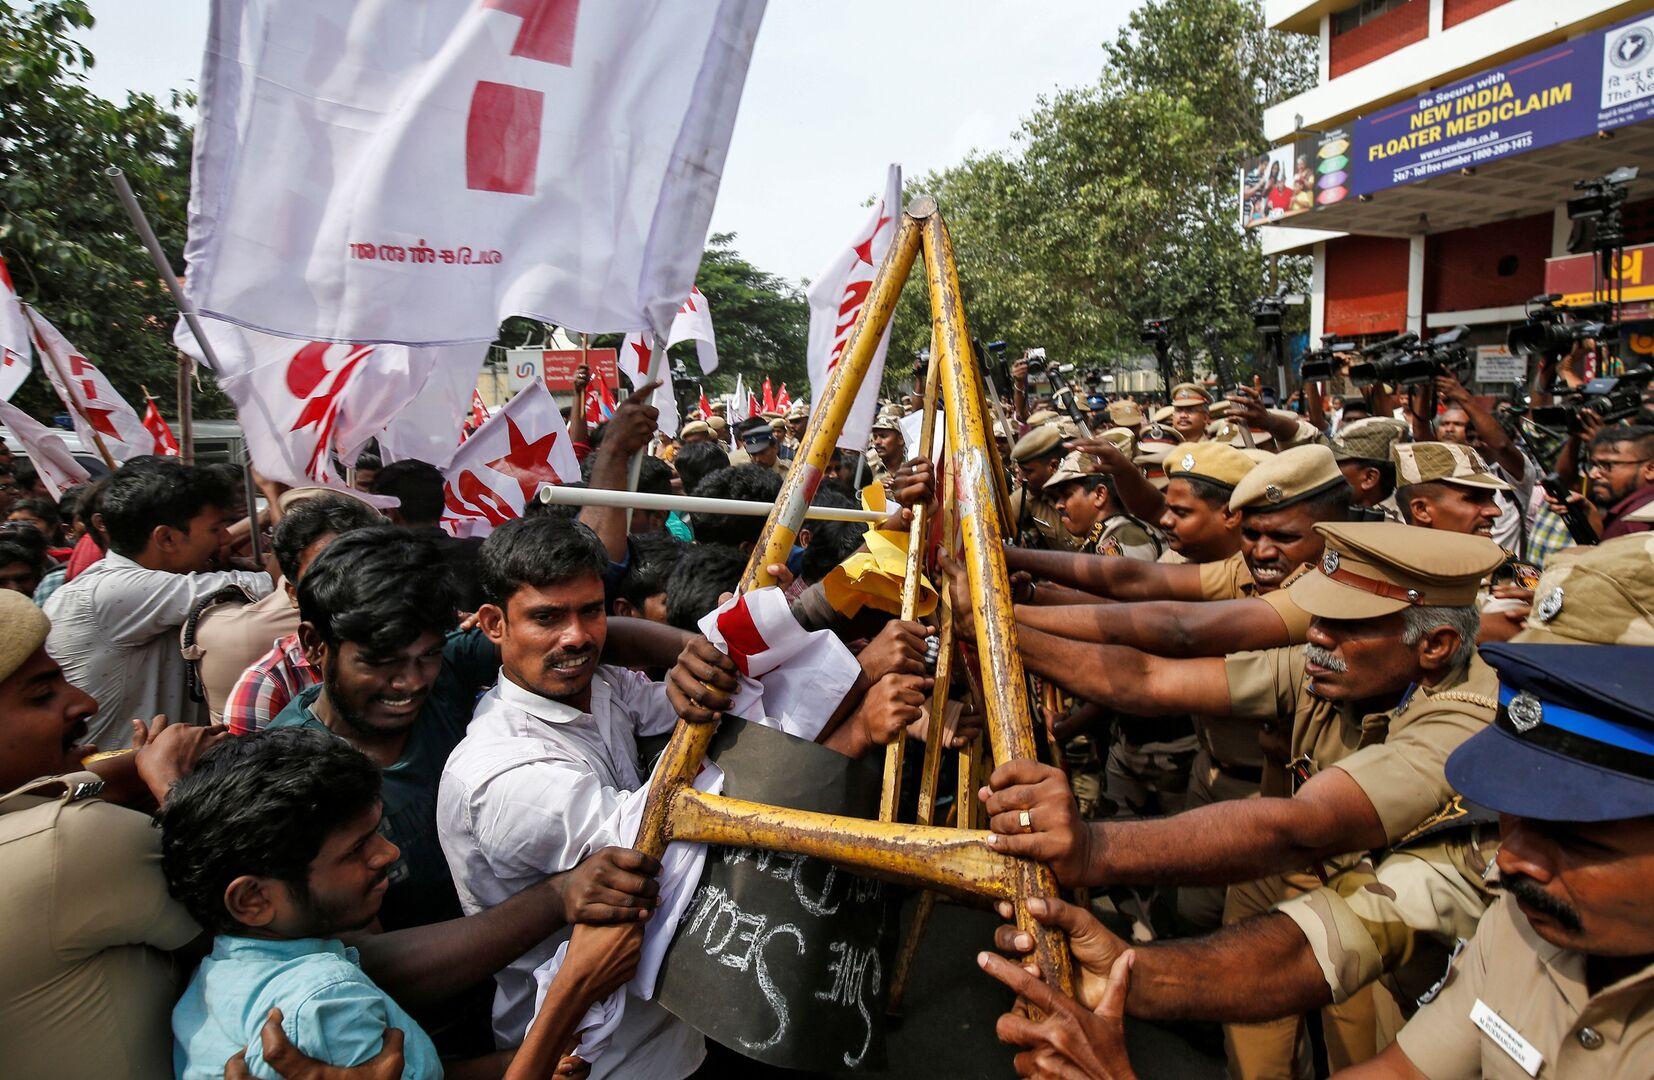 الهند.. ارتفاع حصيلة ضحايا الاحتجاجات إلى 23 قتيلا ومودي بصدد كسر صمته